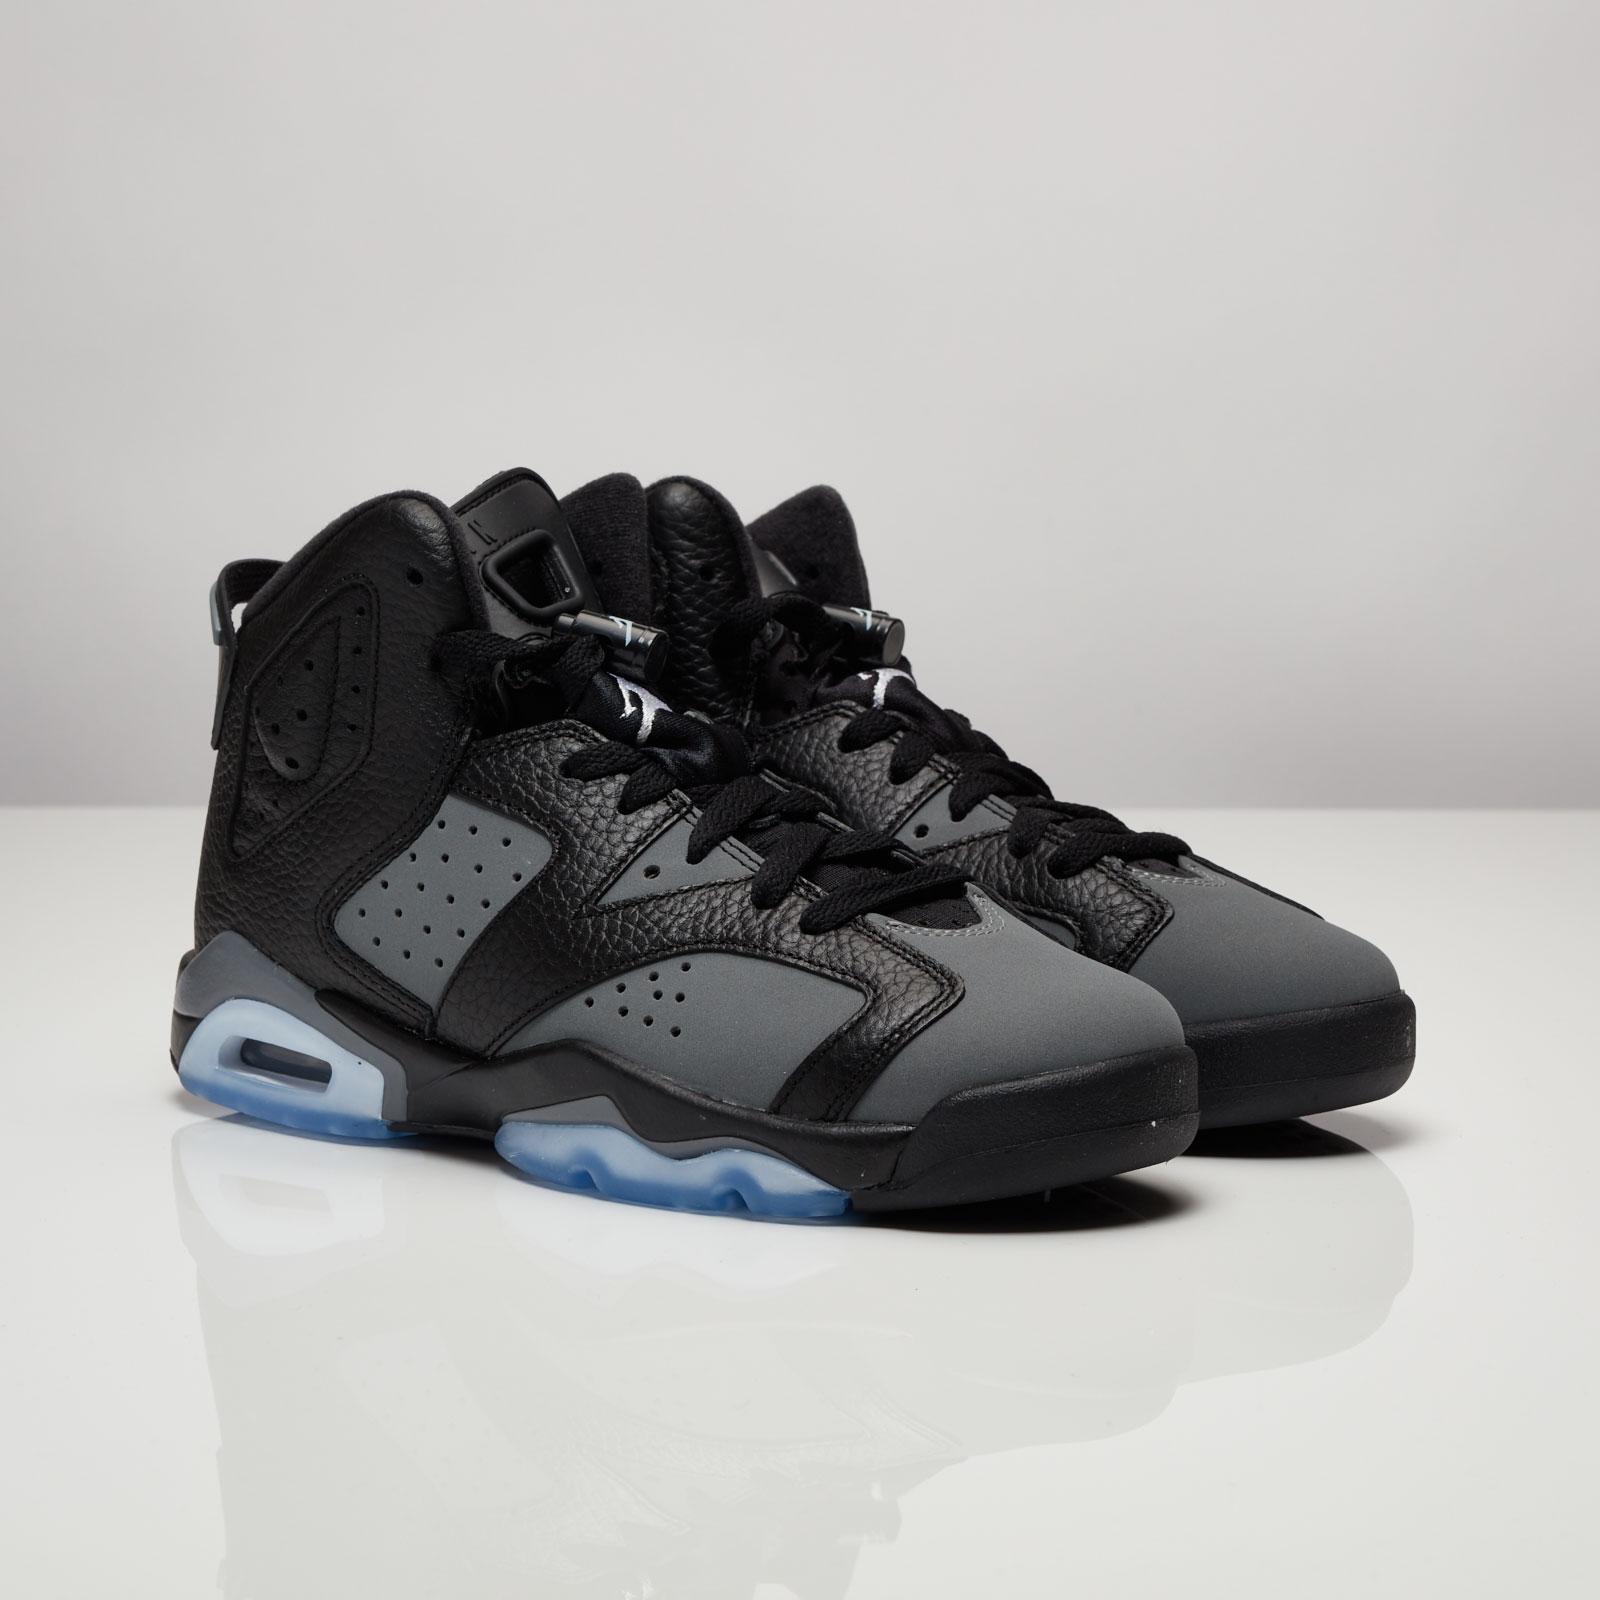 huge discount 1a3c1 c1b81 Jordan Brand Air Jordan 6 Retro (GS)